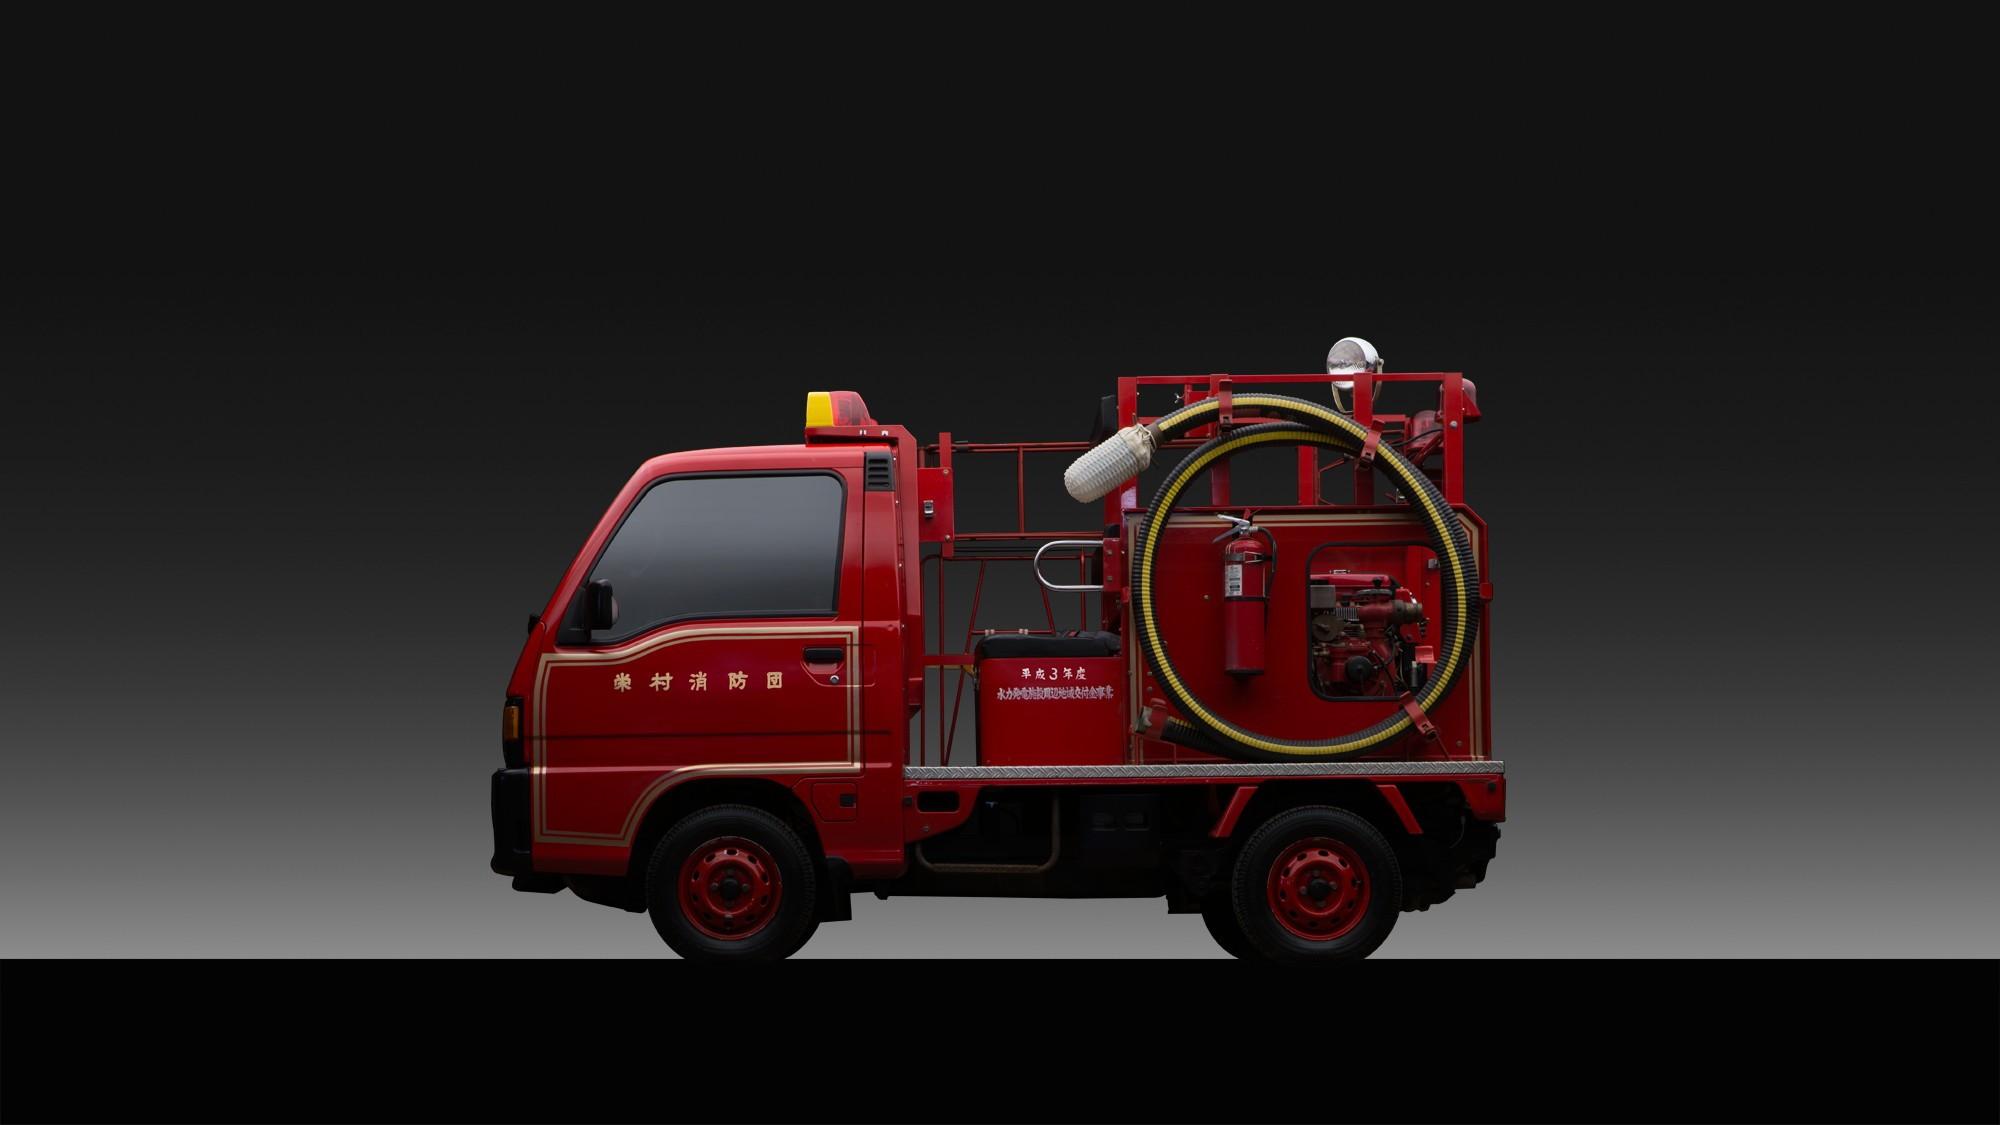 1991 Subaru Sambar 4X4 Fire Truck